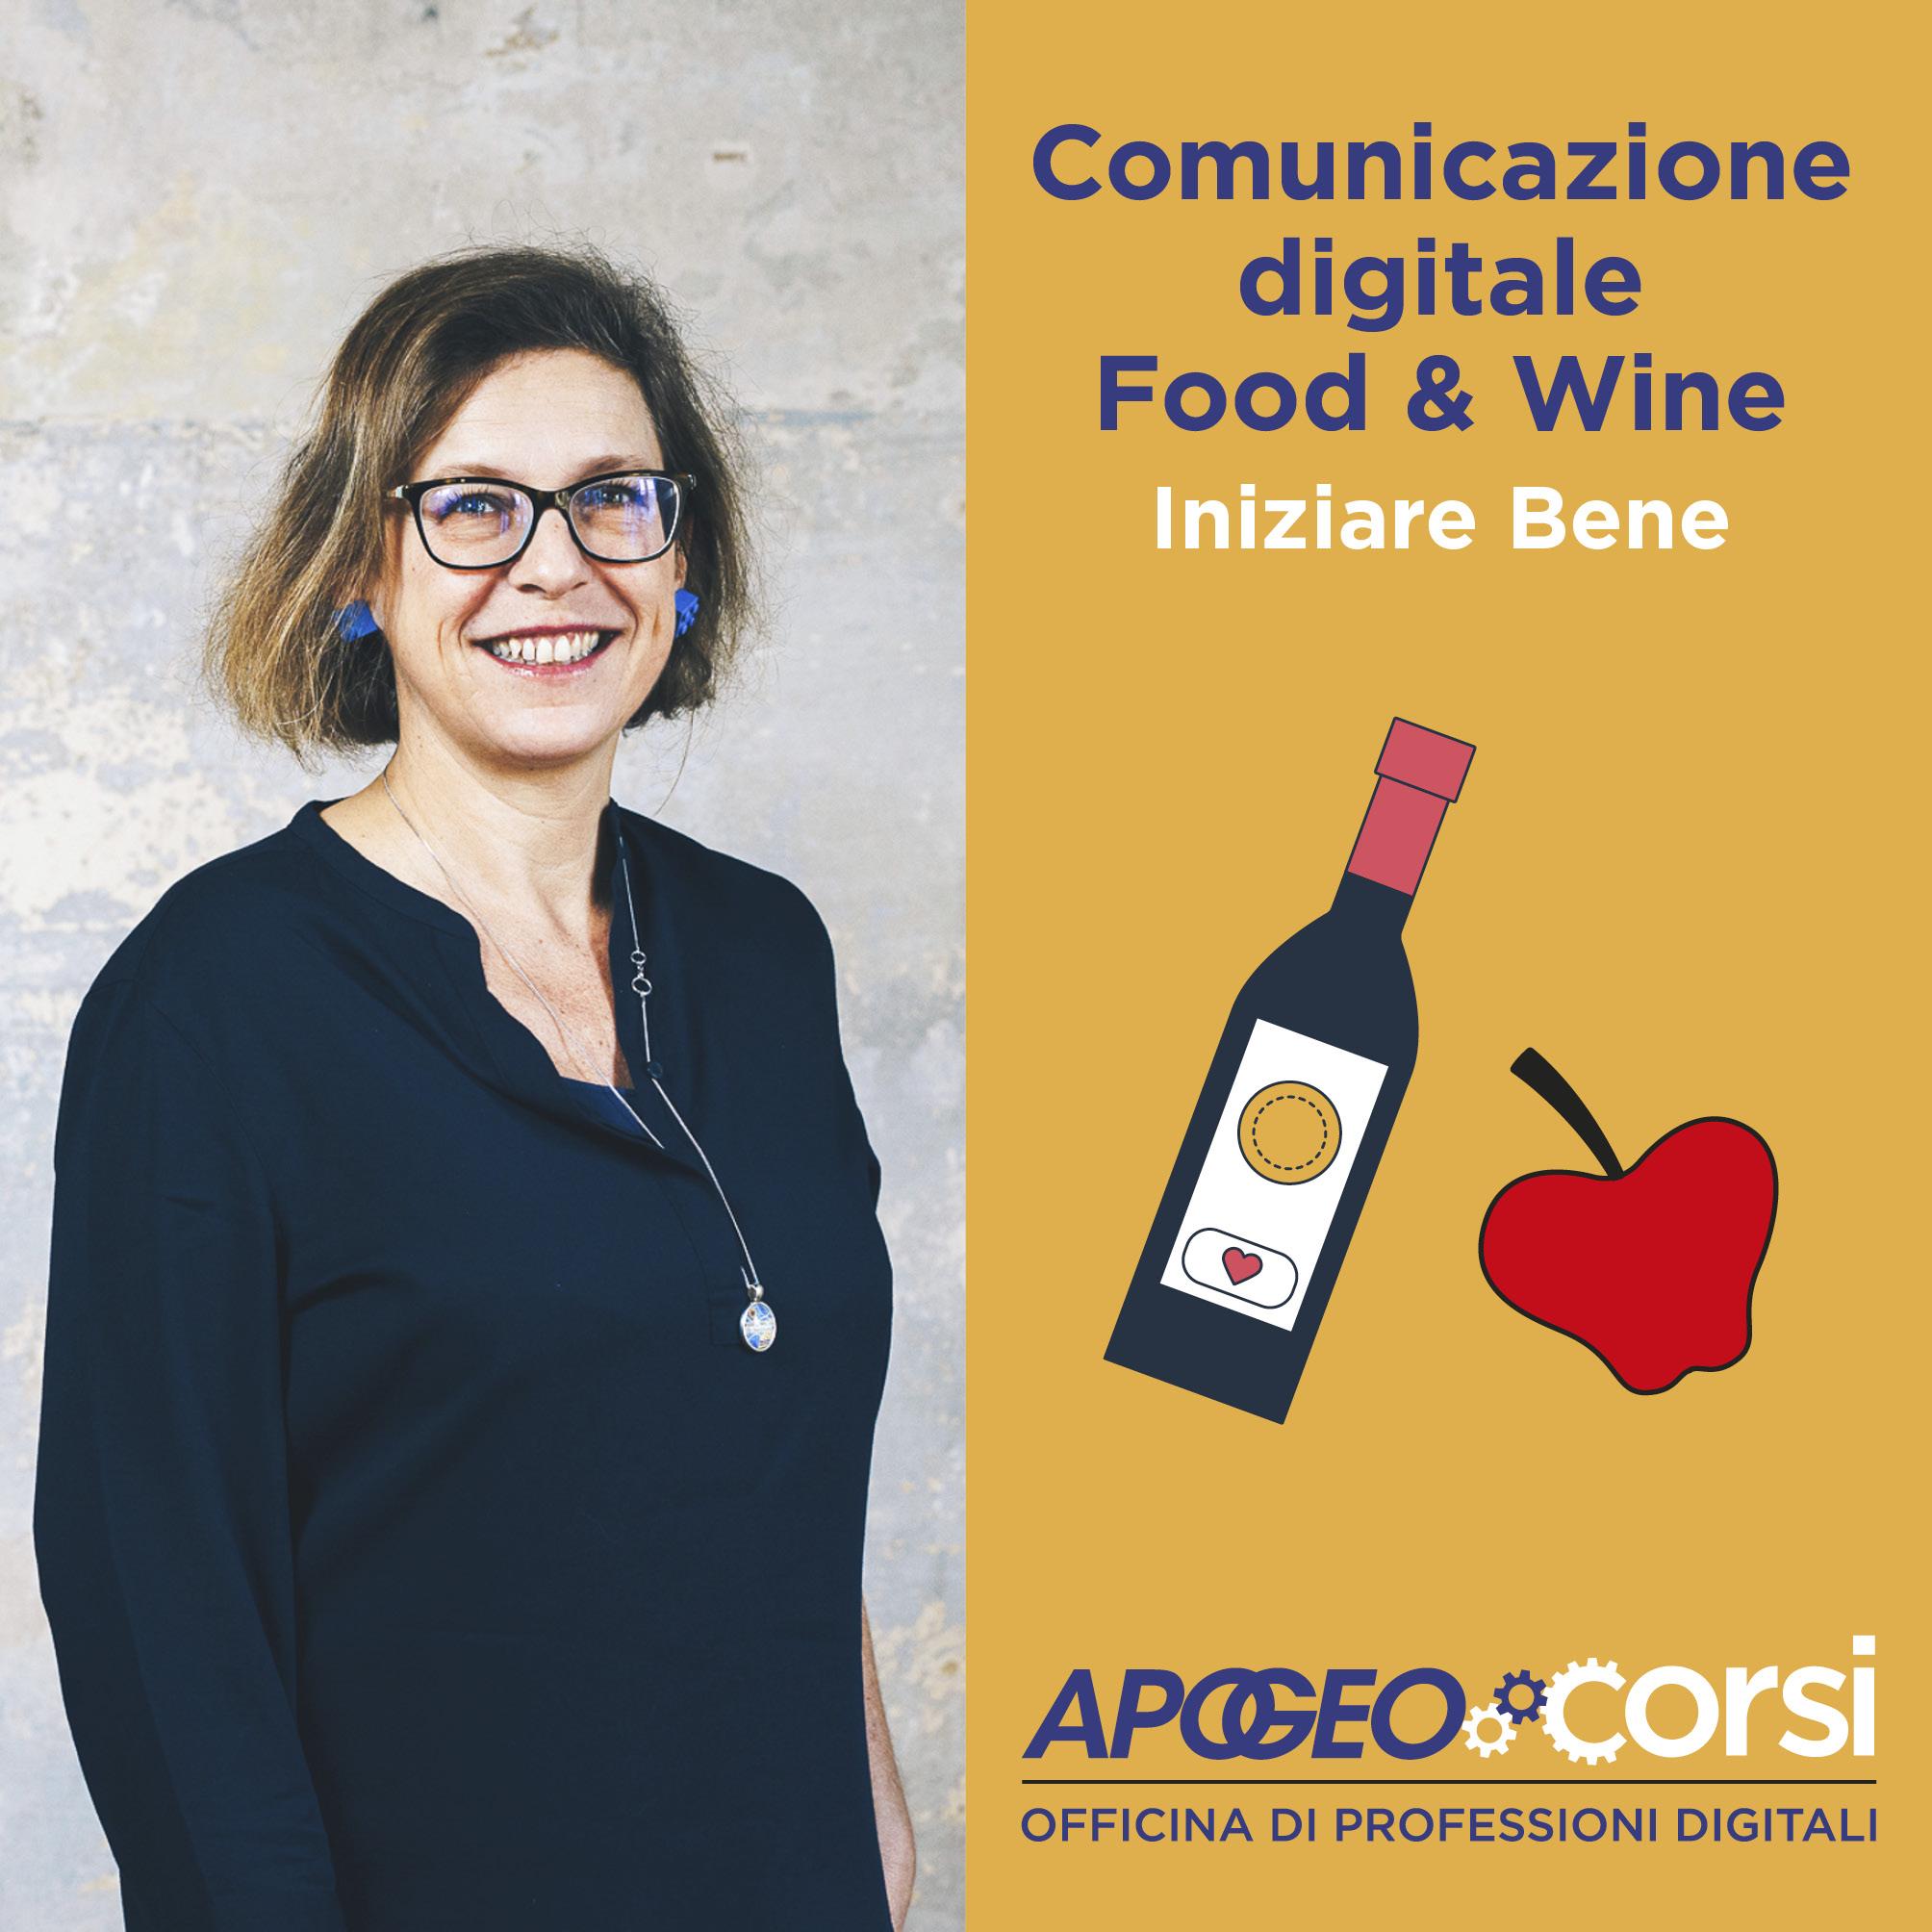 Comunicazione-digitale-food-wine-cover